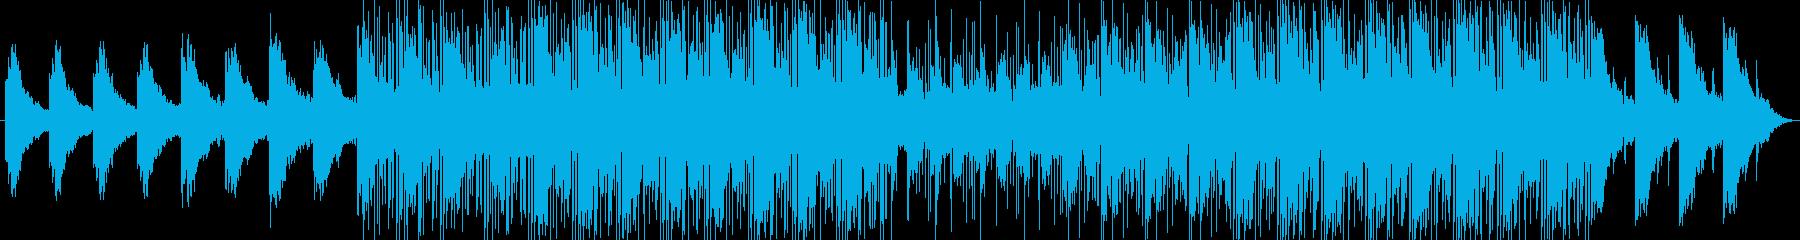 ギターメインの淡々としたエレクトロニカの再生済みの波形